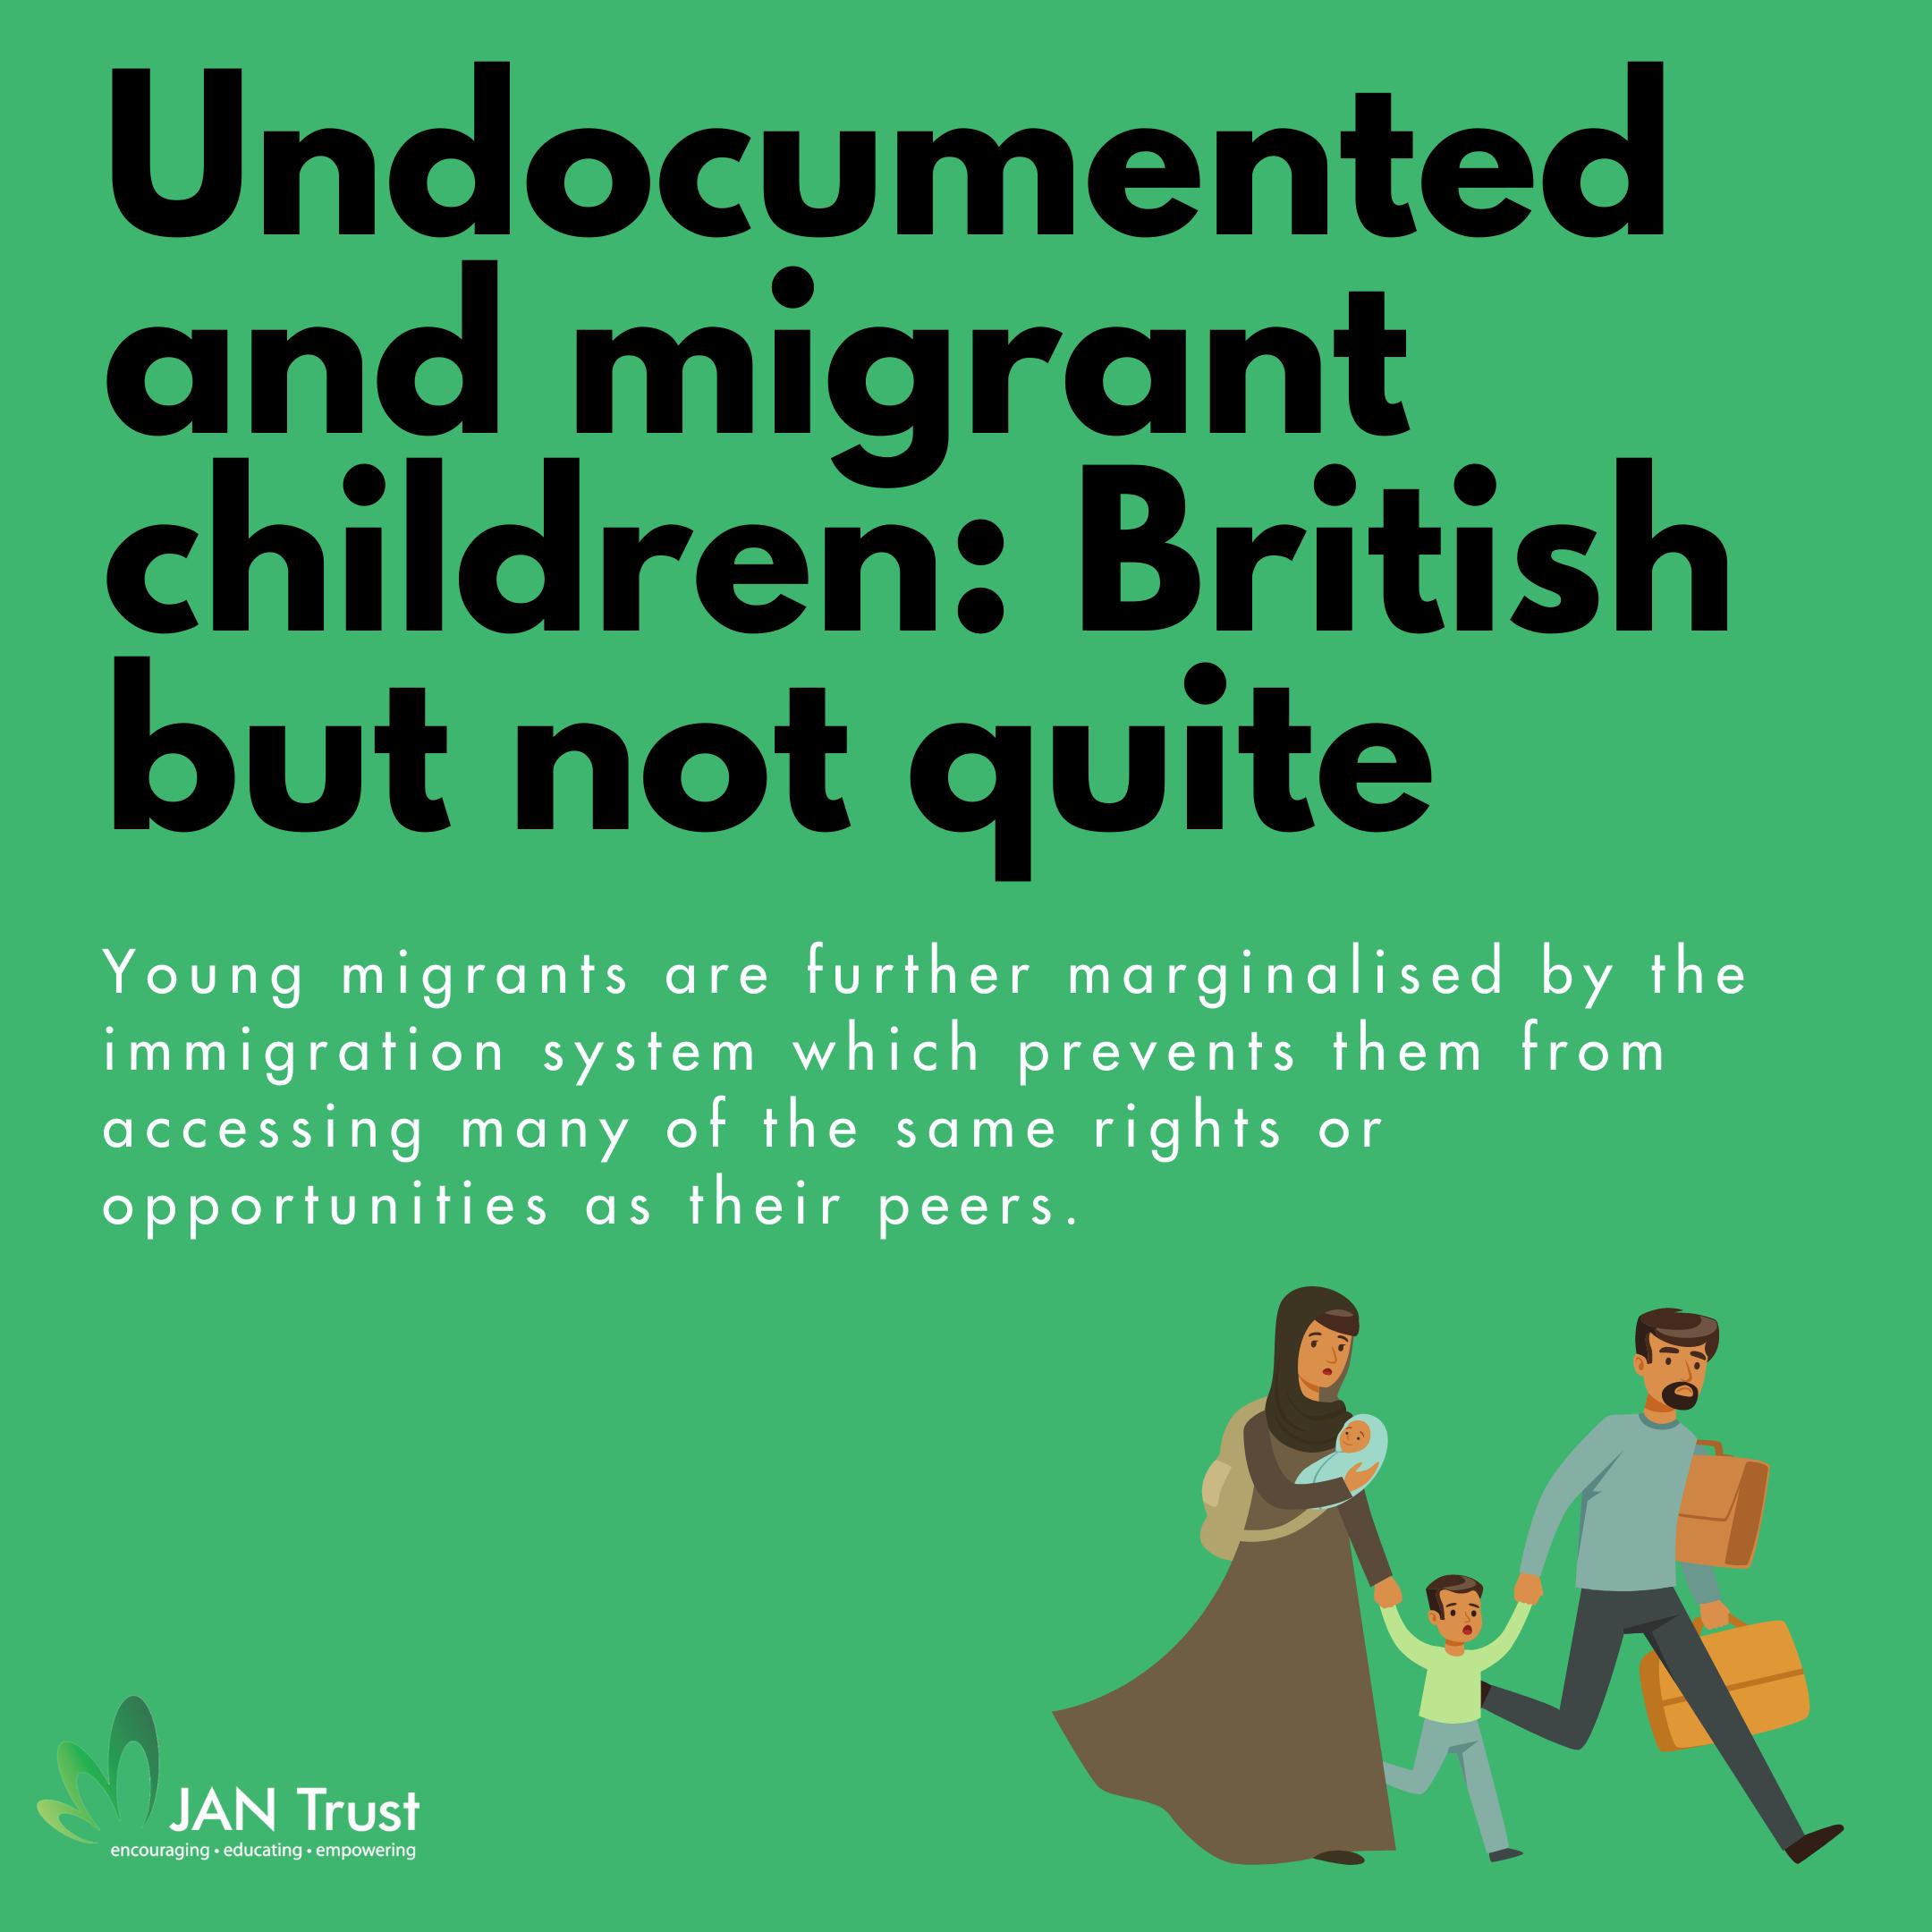 Undocumented and migrant children: British but not quite